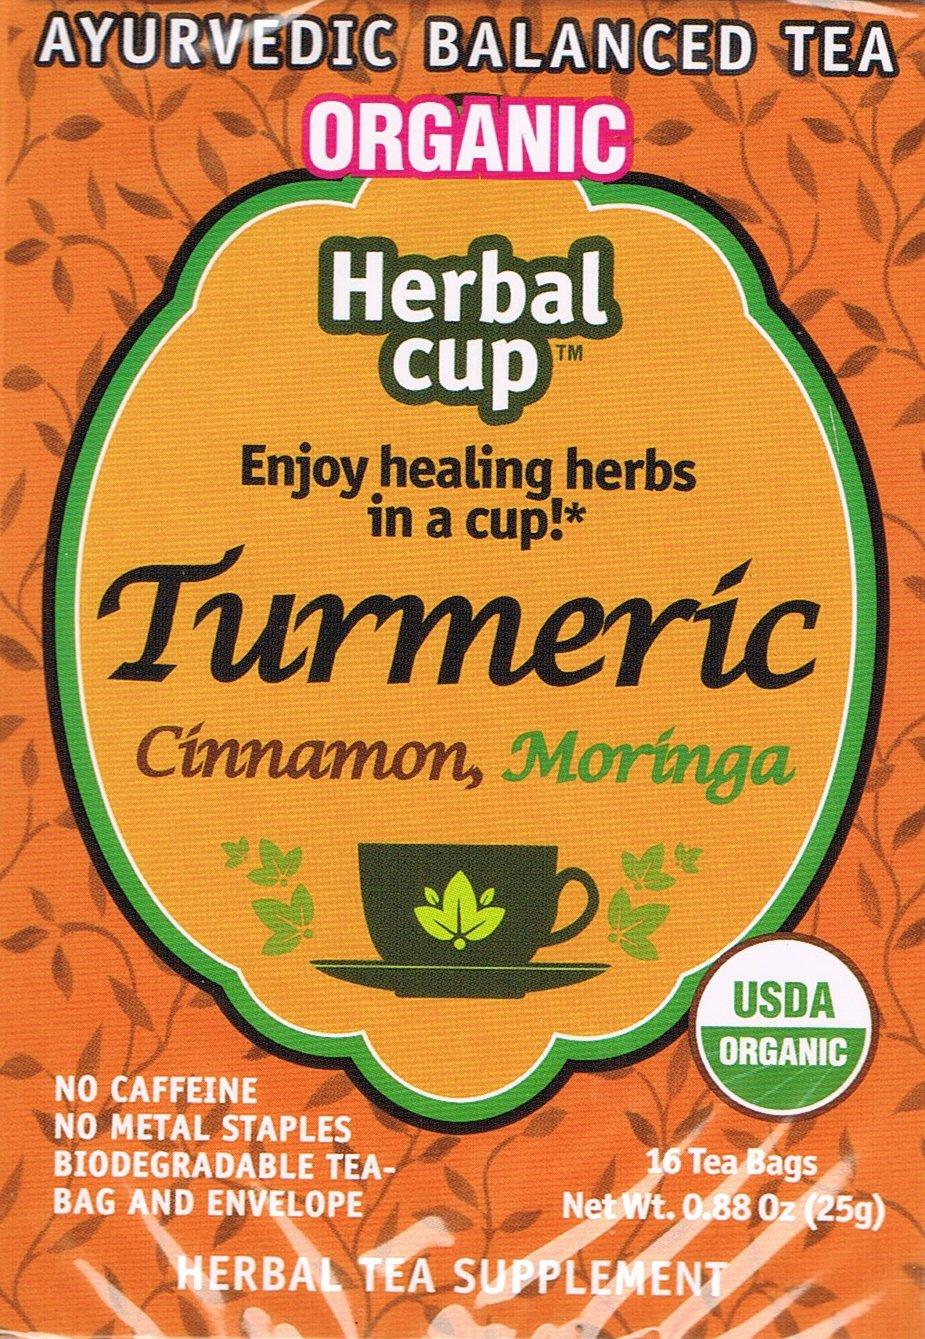 Herbal Cup Herbal Tea, Organic Turmeric Cinnamon, Moringa Tea - (16 tea bags in 1 box)